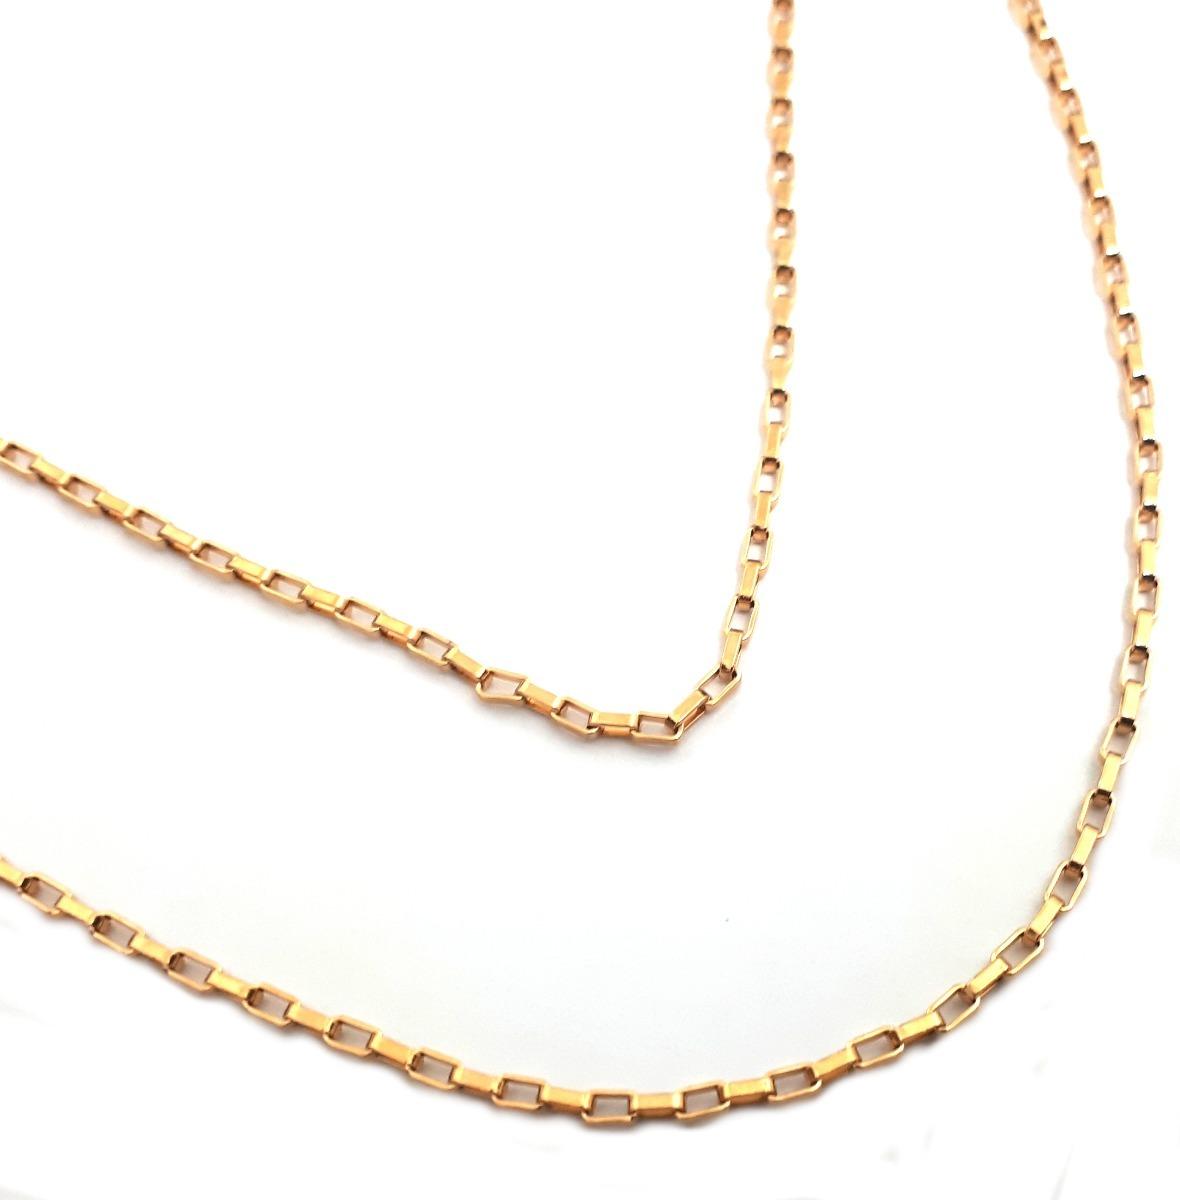 e9886285db6 colar corrente feminina elos cartier 50cm aço banhado ouro. Carregando zoom.